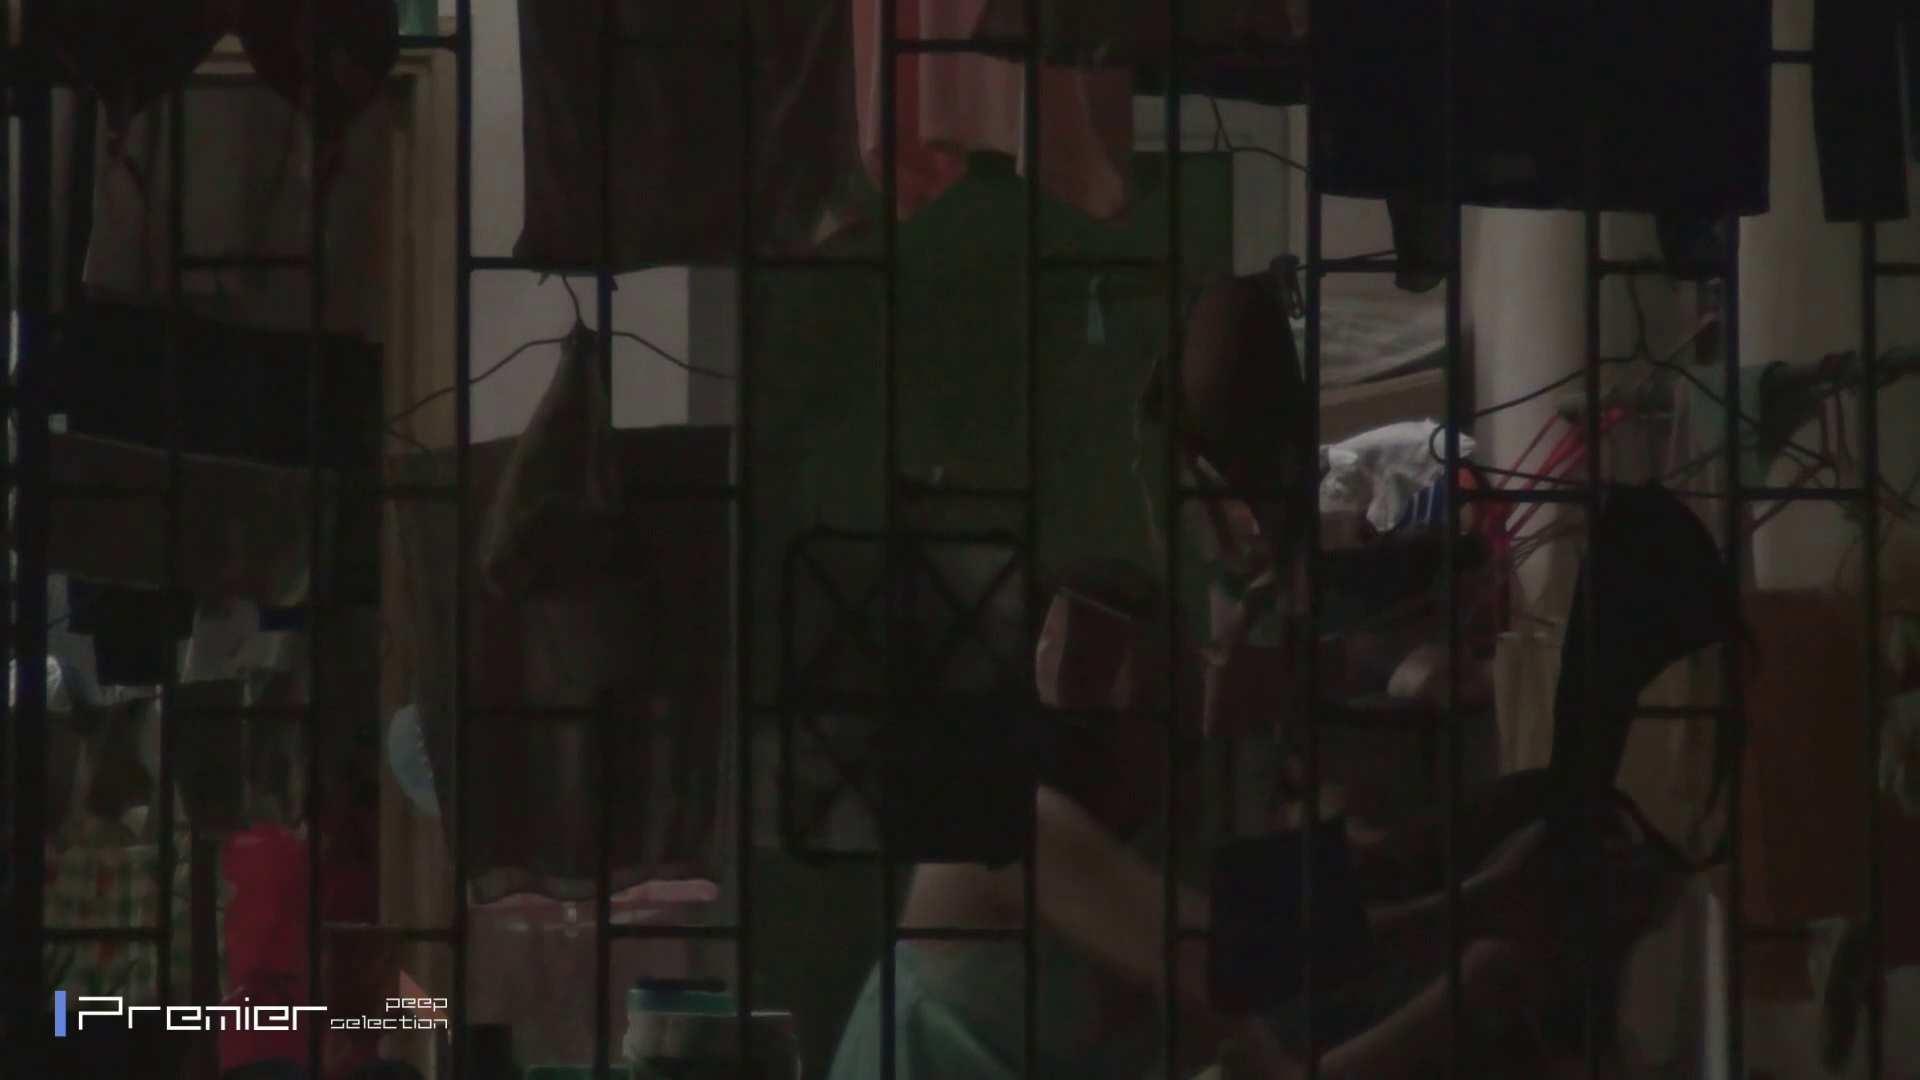 美女の痴態に密着!洗濯物を干す女 Vol.07 高画質動画 濡れ場動画紹介 60画像 15